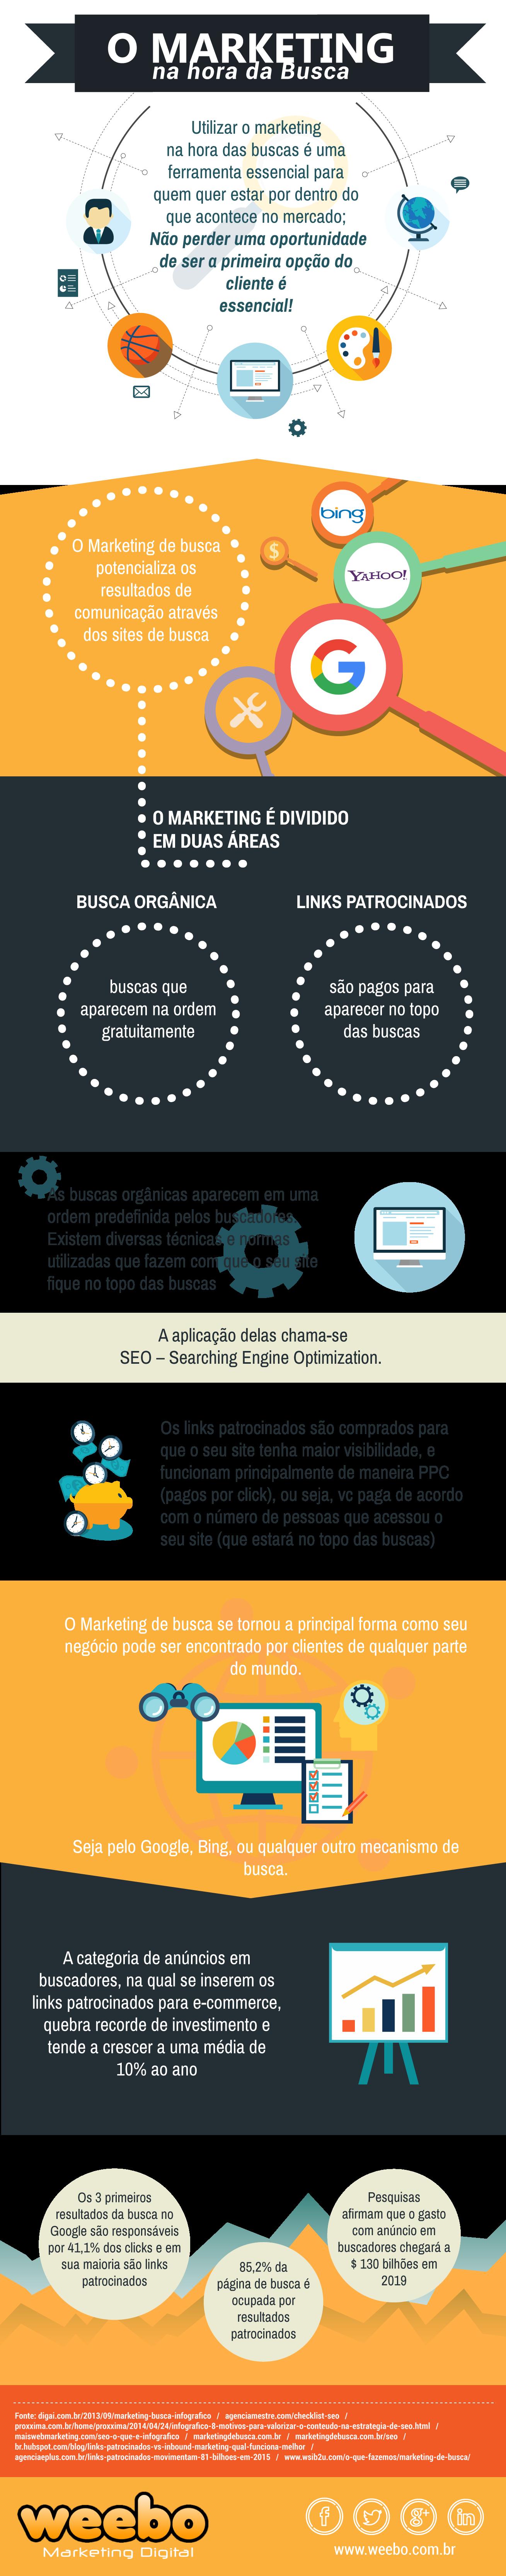 Você sabe para que serve o marketing de busca? Nós te contamos tudo no infográfico que produzimos!